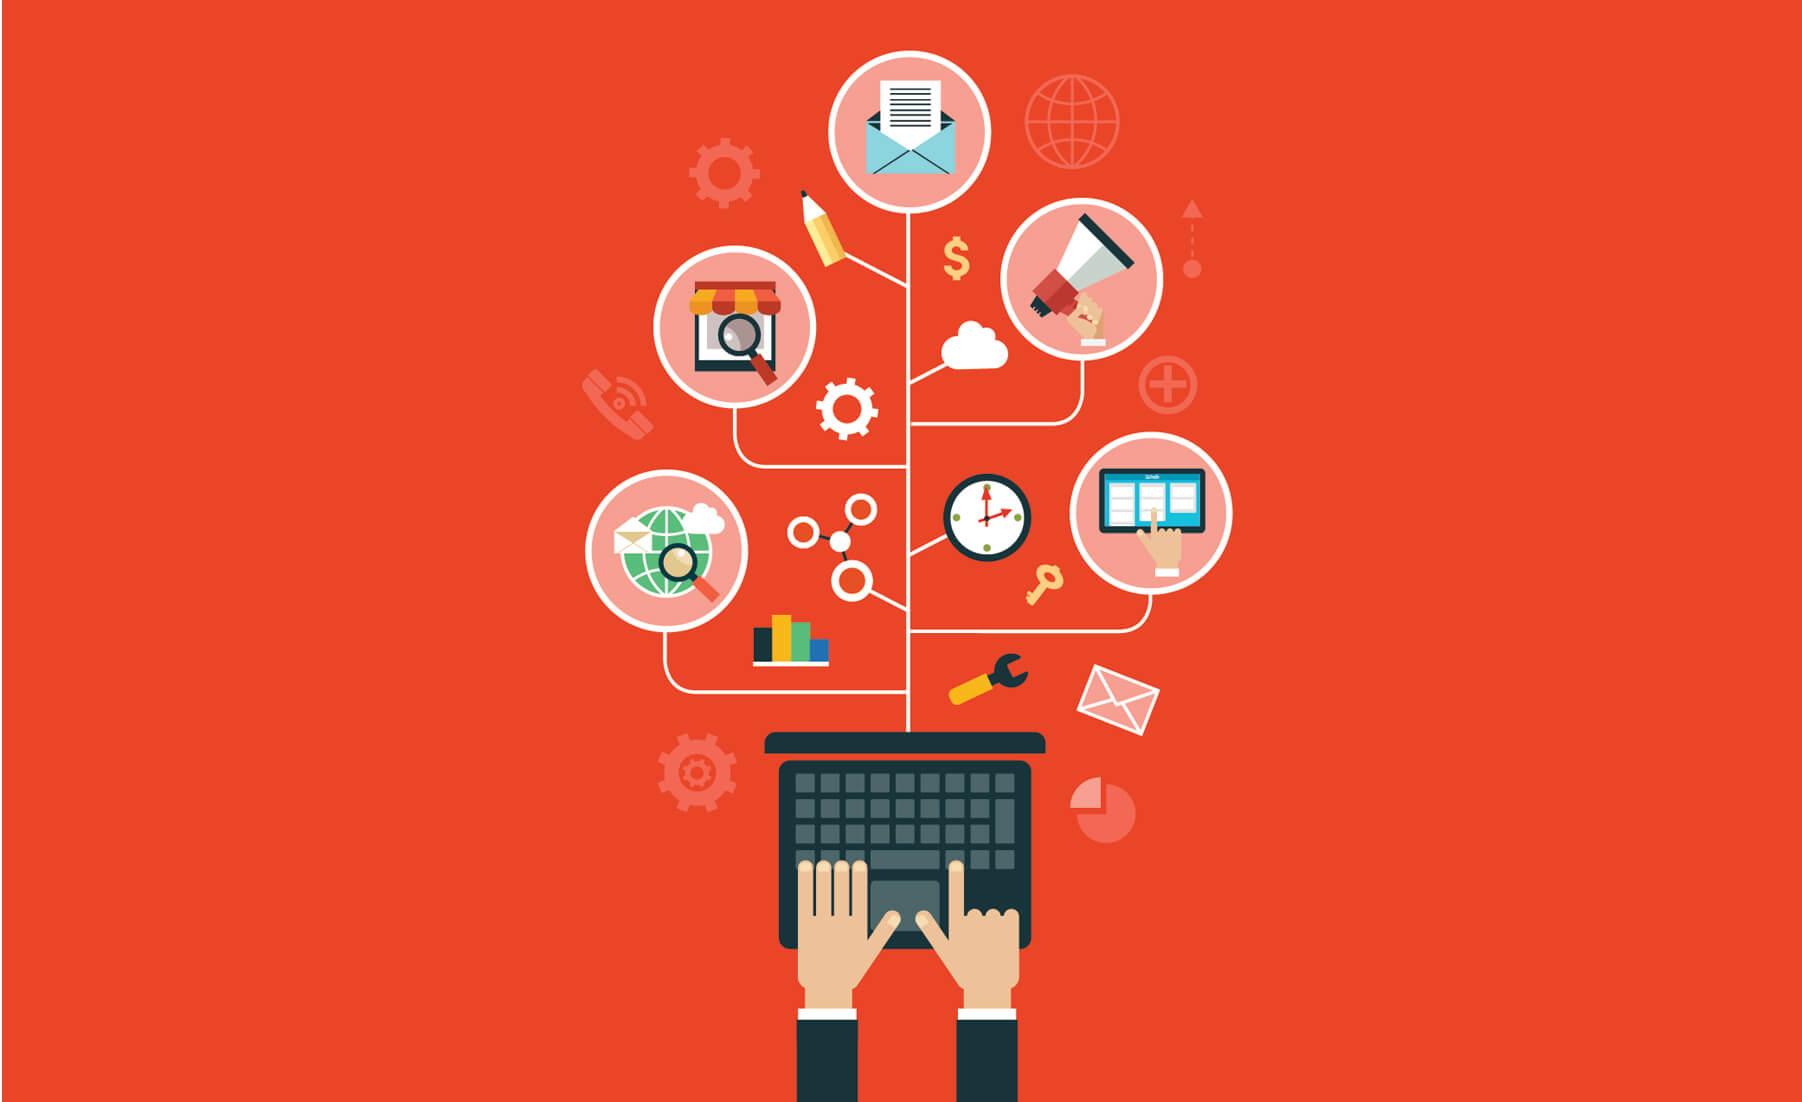 """<span id=""""hs_cos_wrapper_name"""" class=""""hs_cos_wrapper hs_cos_wrapper_meta_field hs_cos_wrapper_type_text"""" style="""""""" data-hs-cos-general-type=""""meta_field"""" data-hs-cos-type=""""text"""" >Como planejar e executar o gerenciamento de seus projetos de marketing digital</span>"""